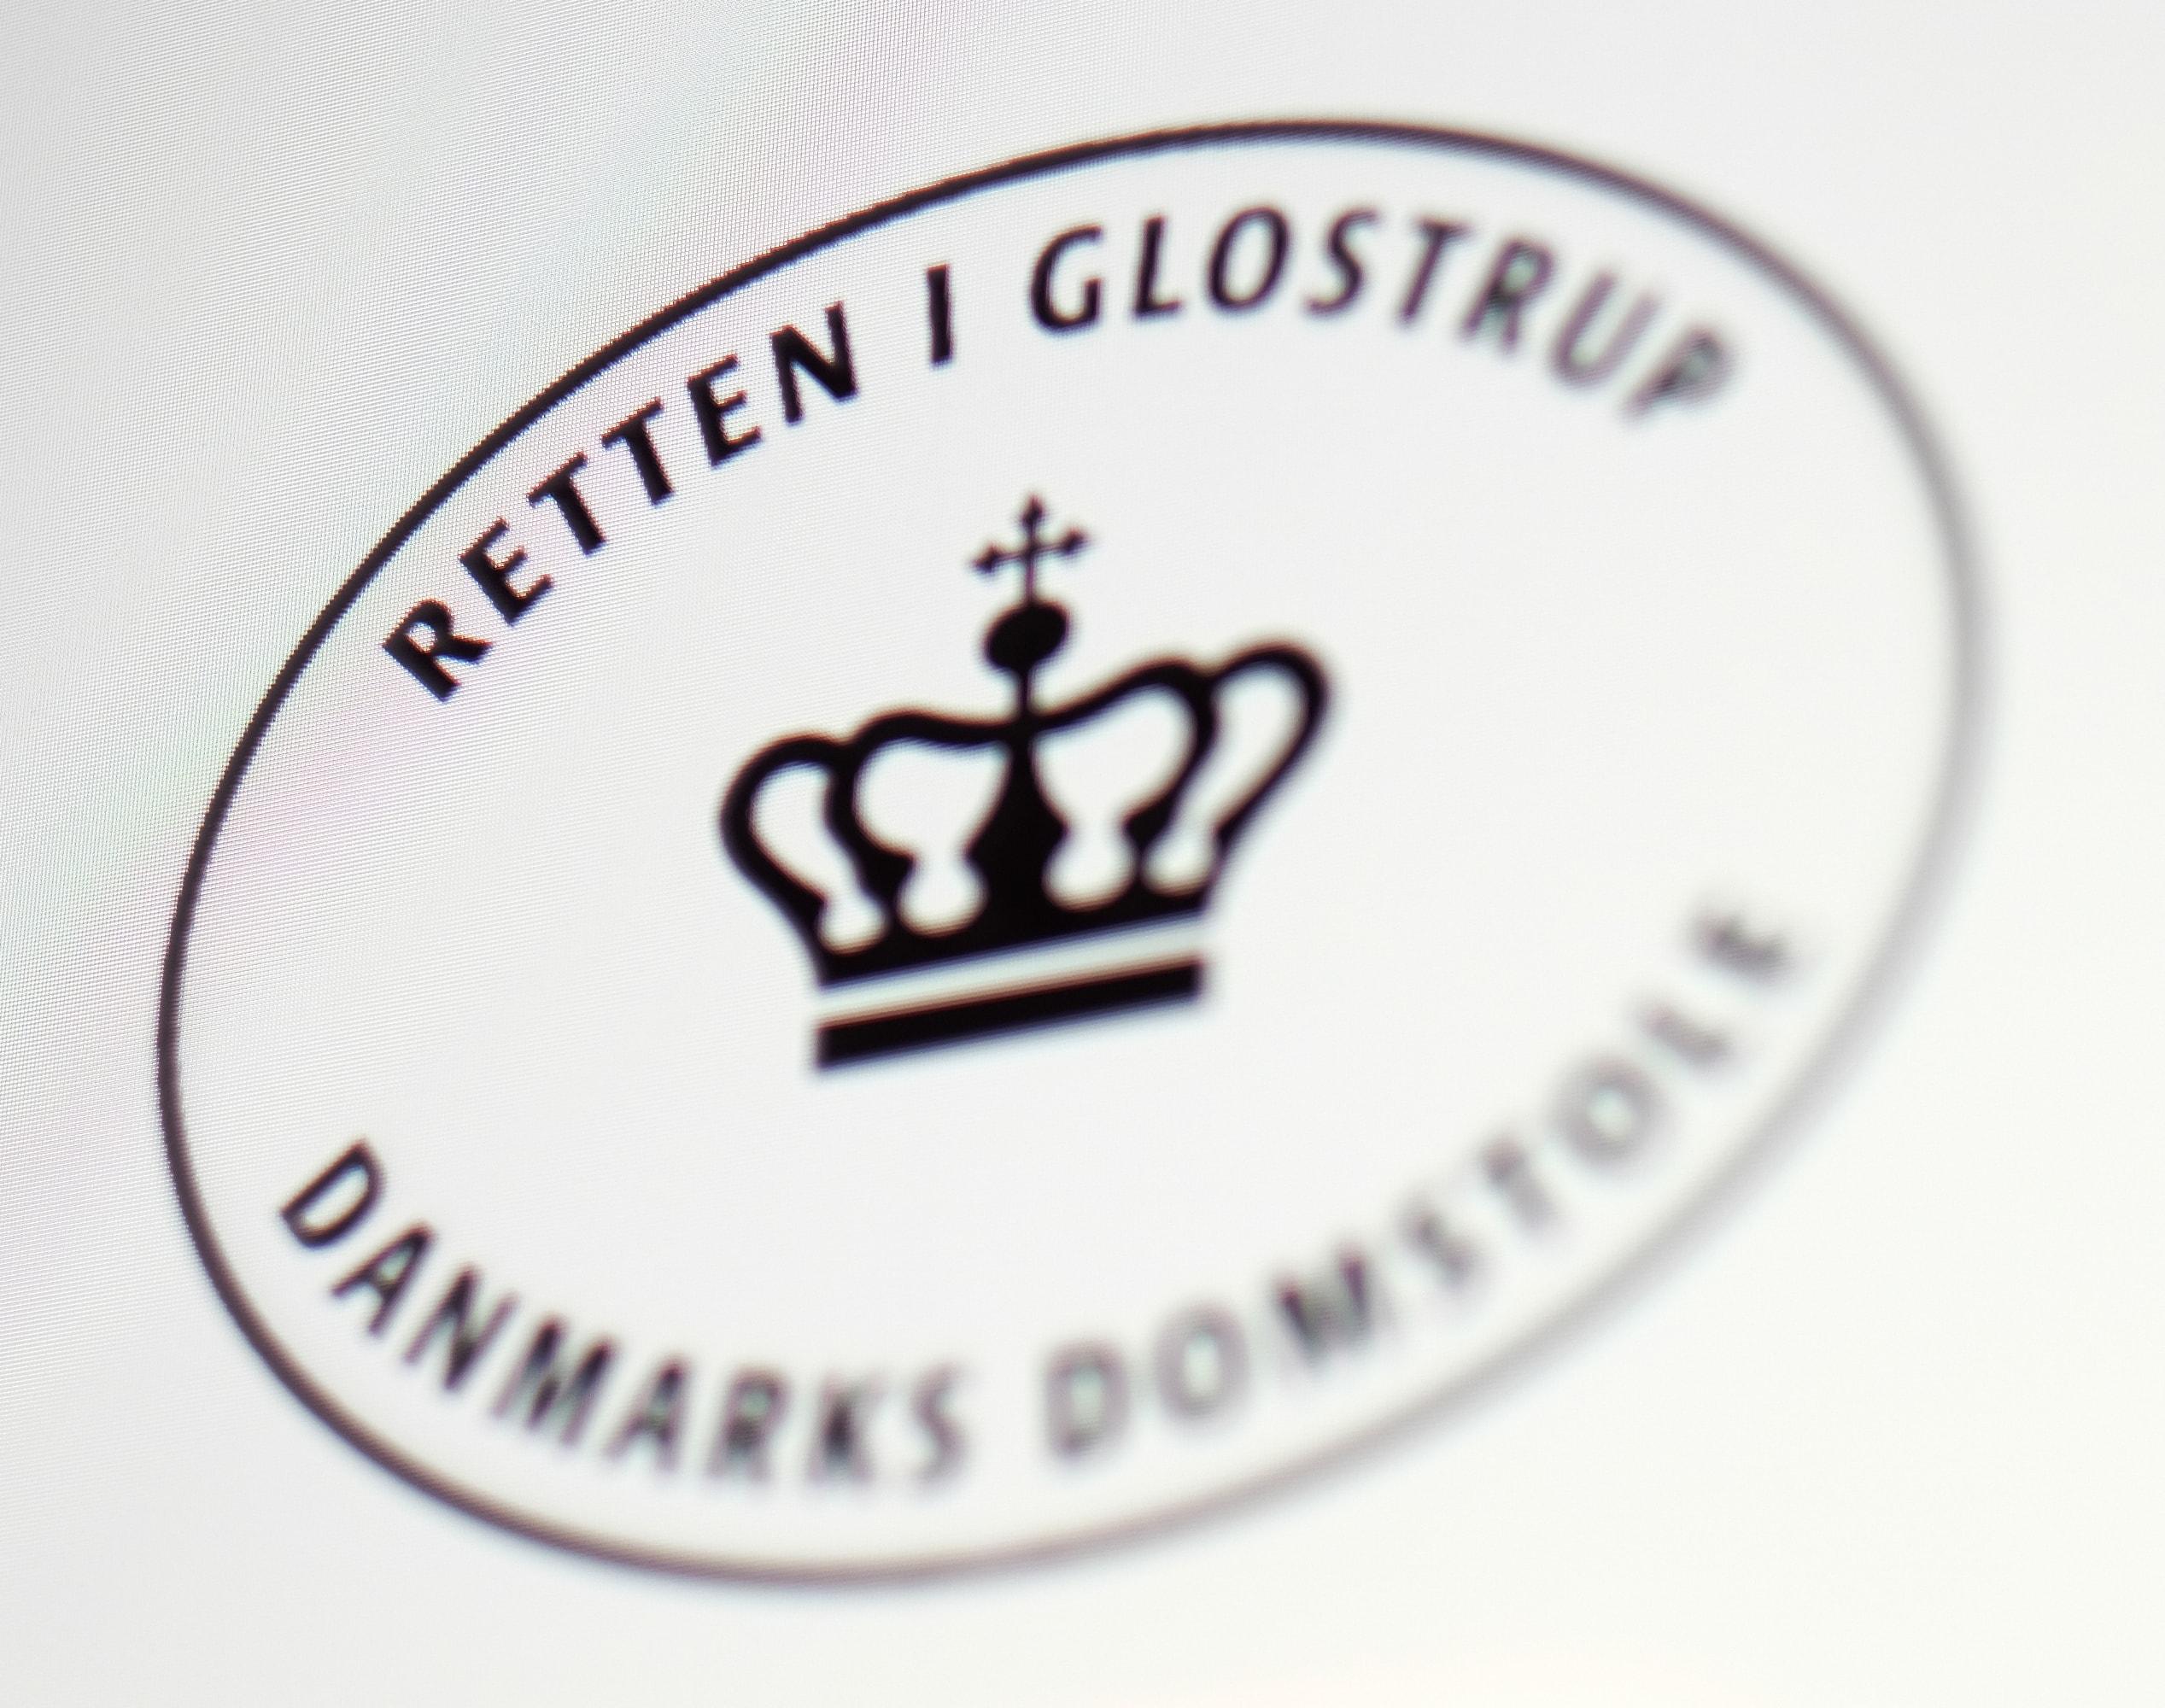 I dag har Retten i Glostrup – for første gang ved en domstol – afgjort et spørgsmål om konfiskation af en anden ejers bil i en straffesag om for h...